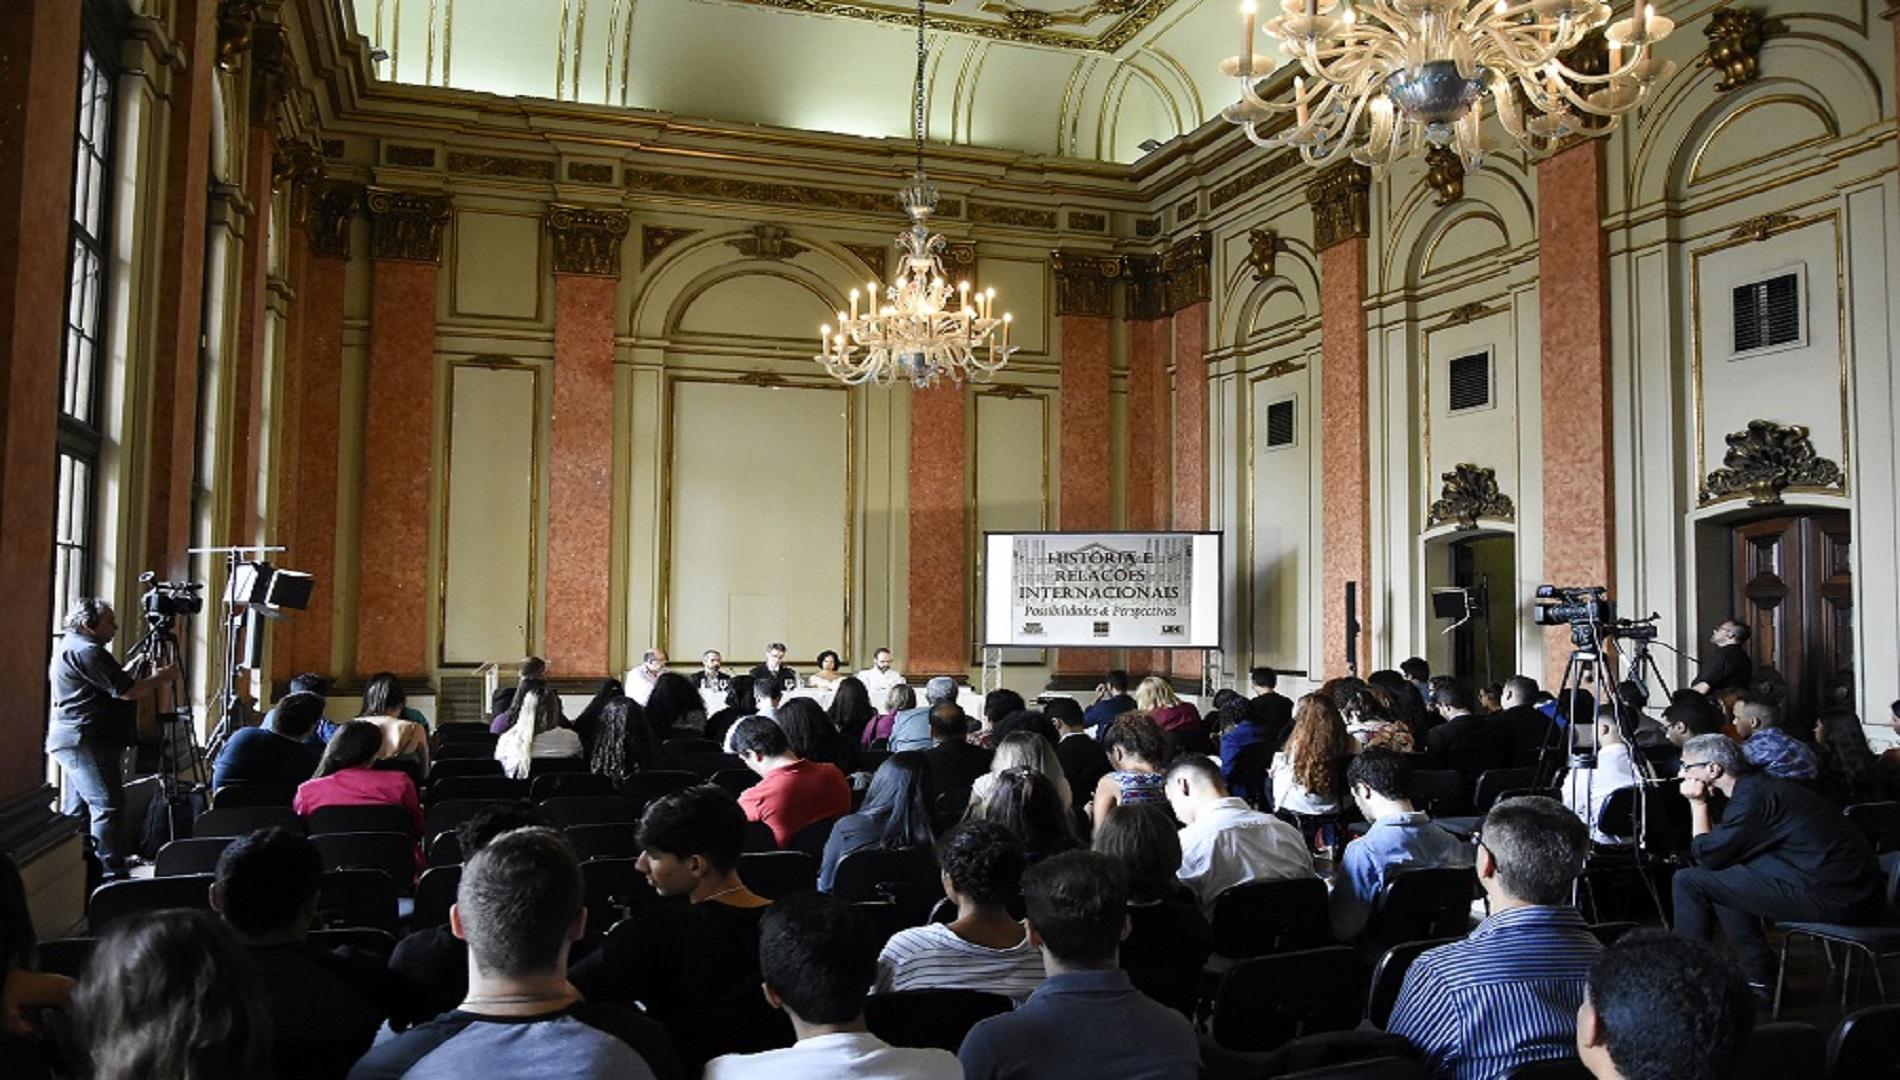 FUNAG apoia seminário sobre história e relações internacionais